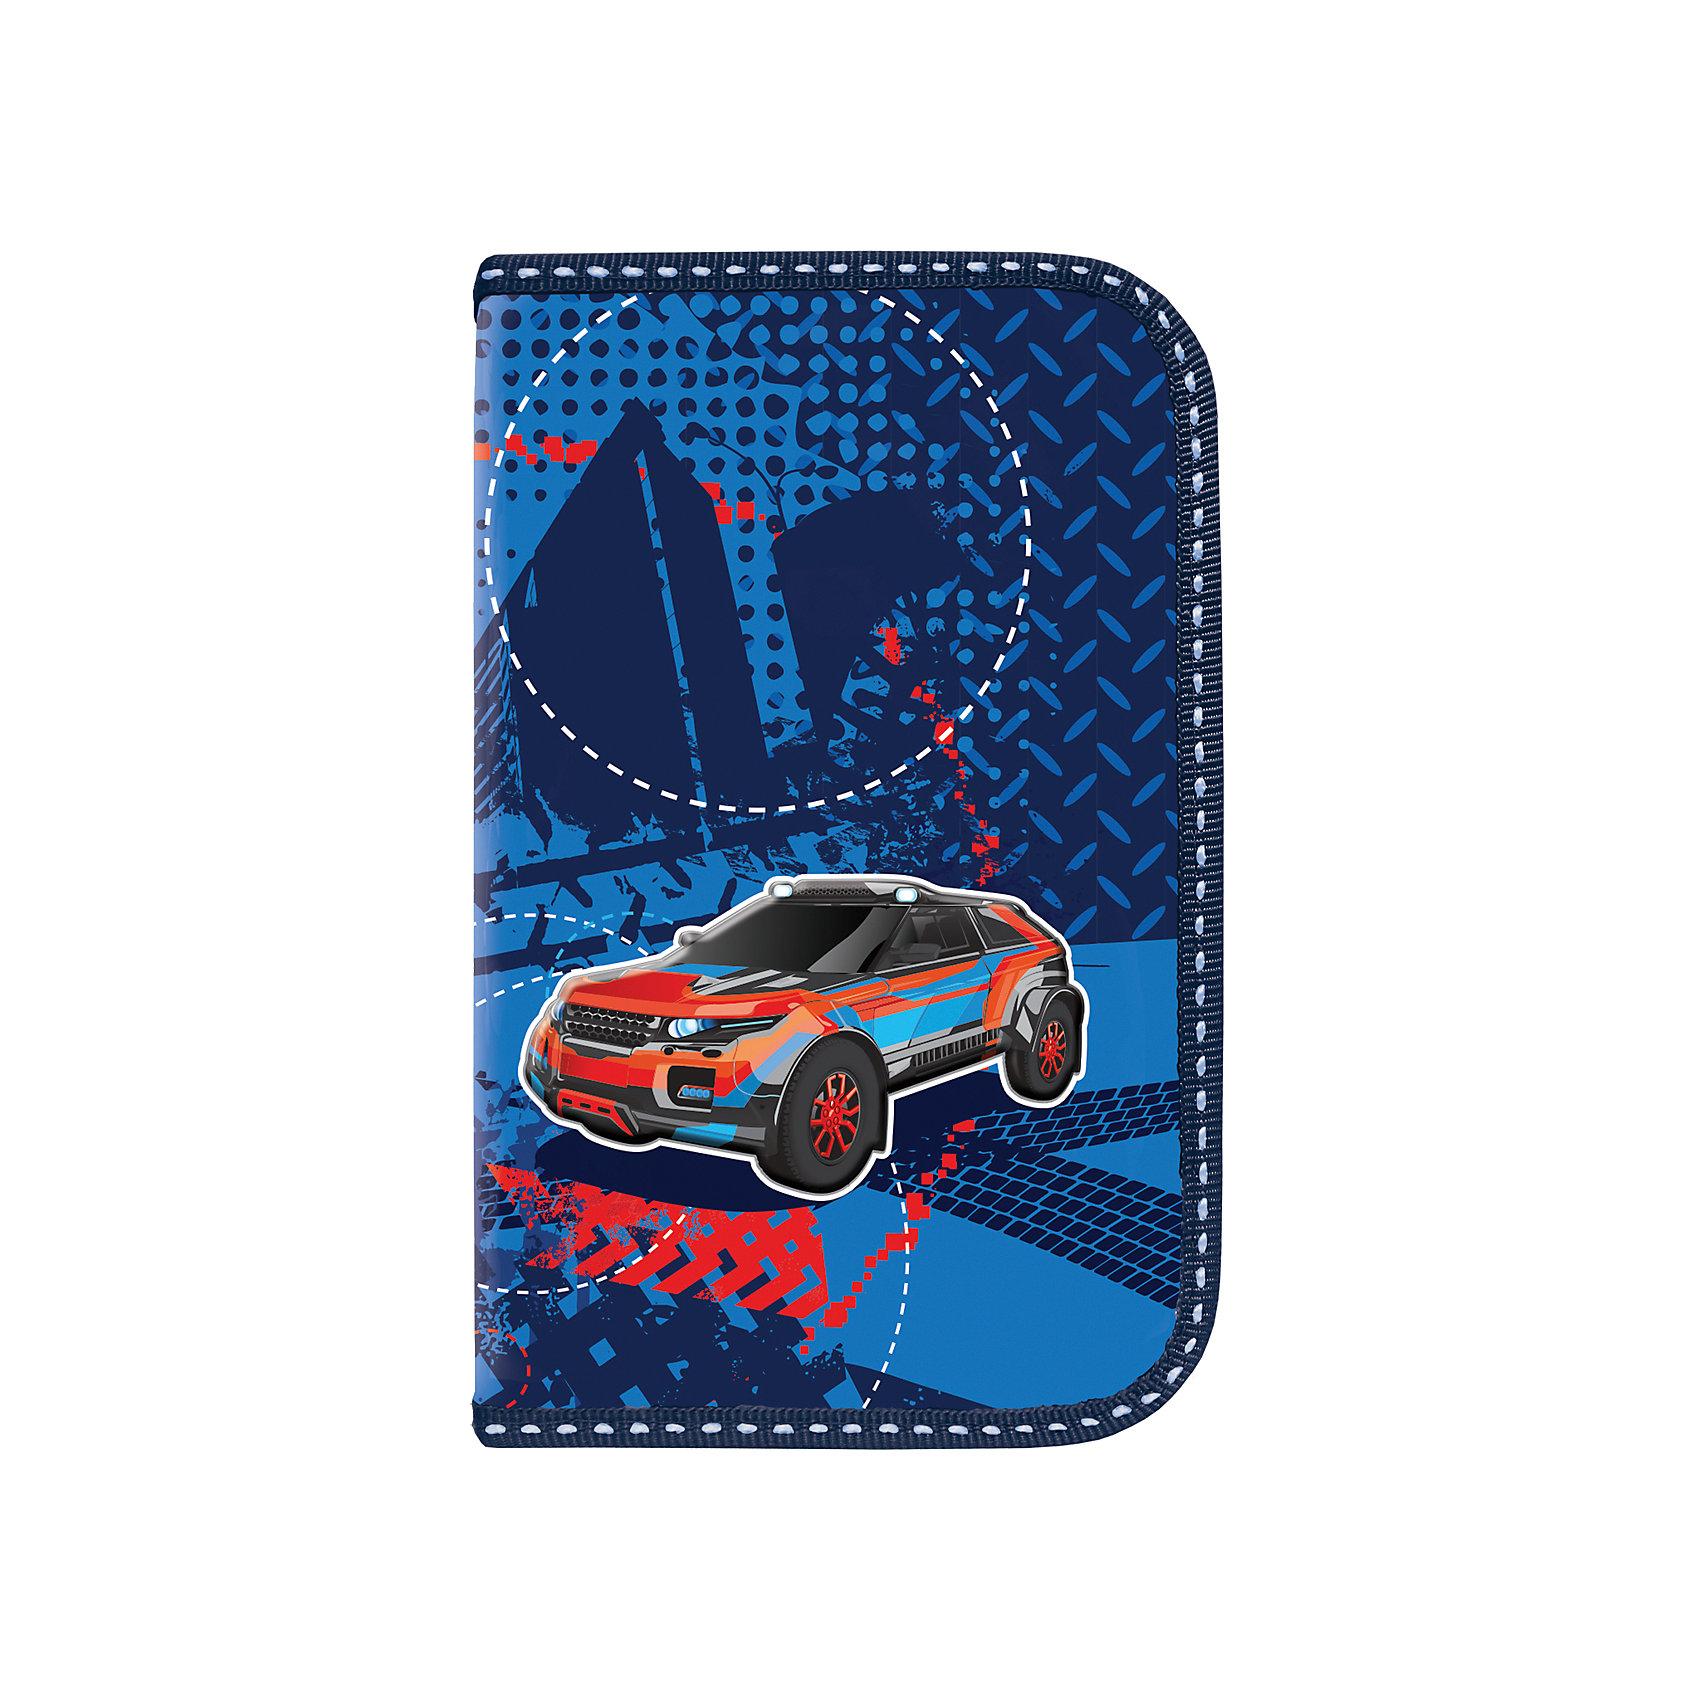 Пенал ВнедорожникПенал Внедорожник предназначен для мальчиков 7-10 лет. Он выполнен в оригинальном сине-голубом дизайне, украшен изображением автомобиля.<br><br>Ширина мм: 11<br>Глубина мм: 18<br>Высота мм: 3<br>Вес г: 90<br>Возраст от месяцев: 72<br>Возраст до месяцев: 144<br>Пол: Мужской<br>Возраст: Детский<br>SKU: 4874366